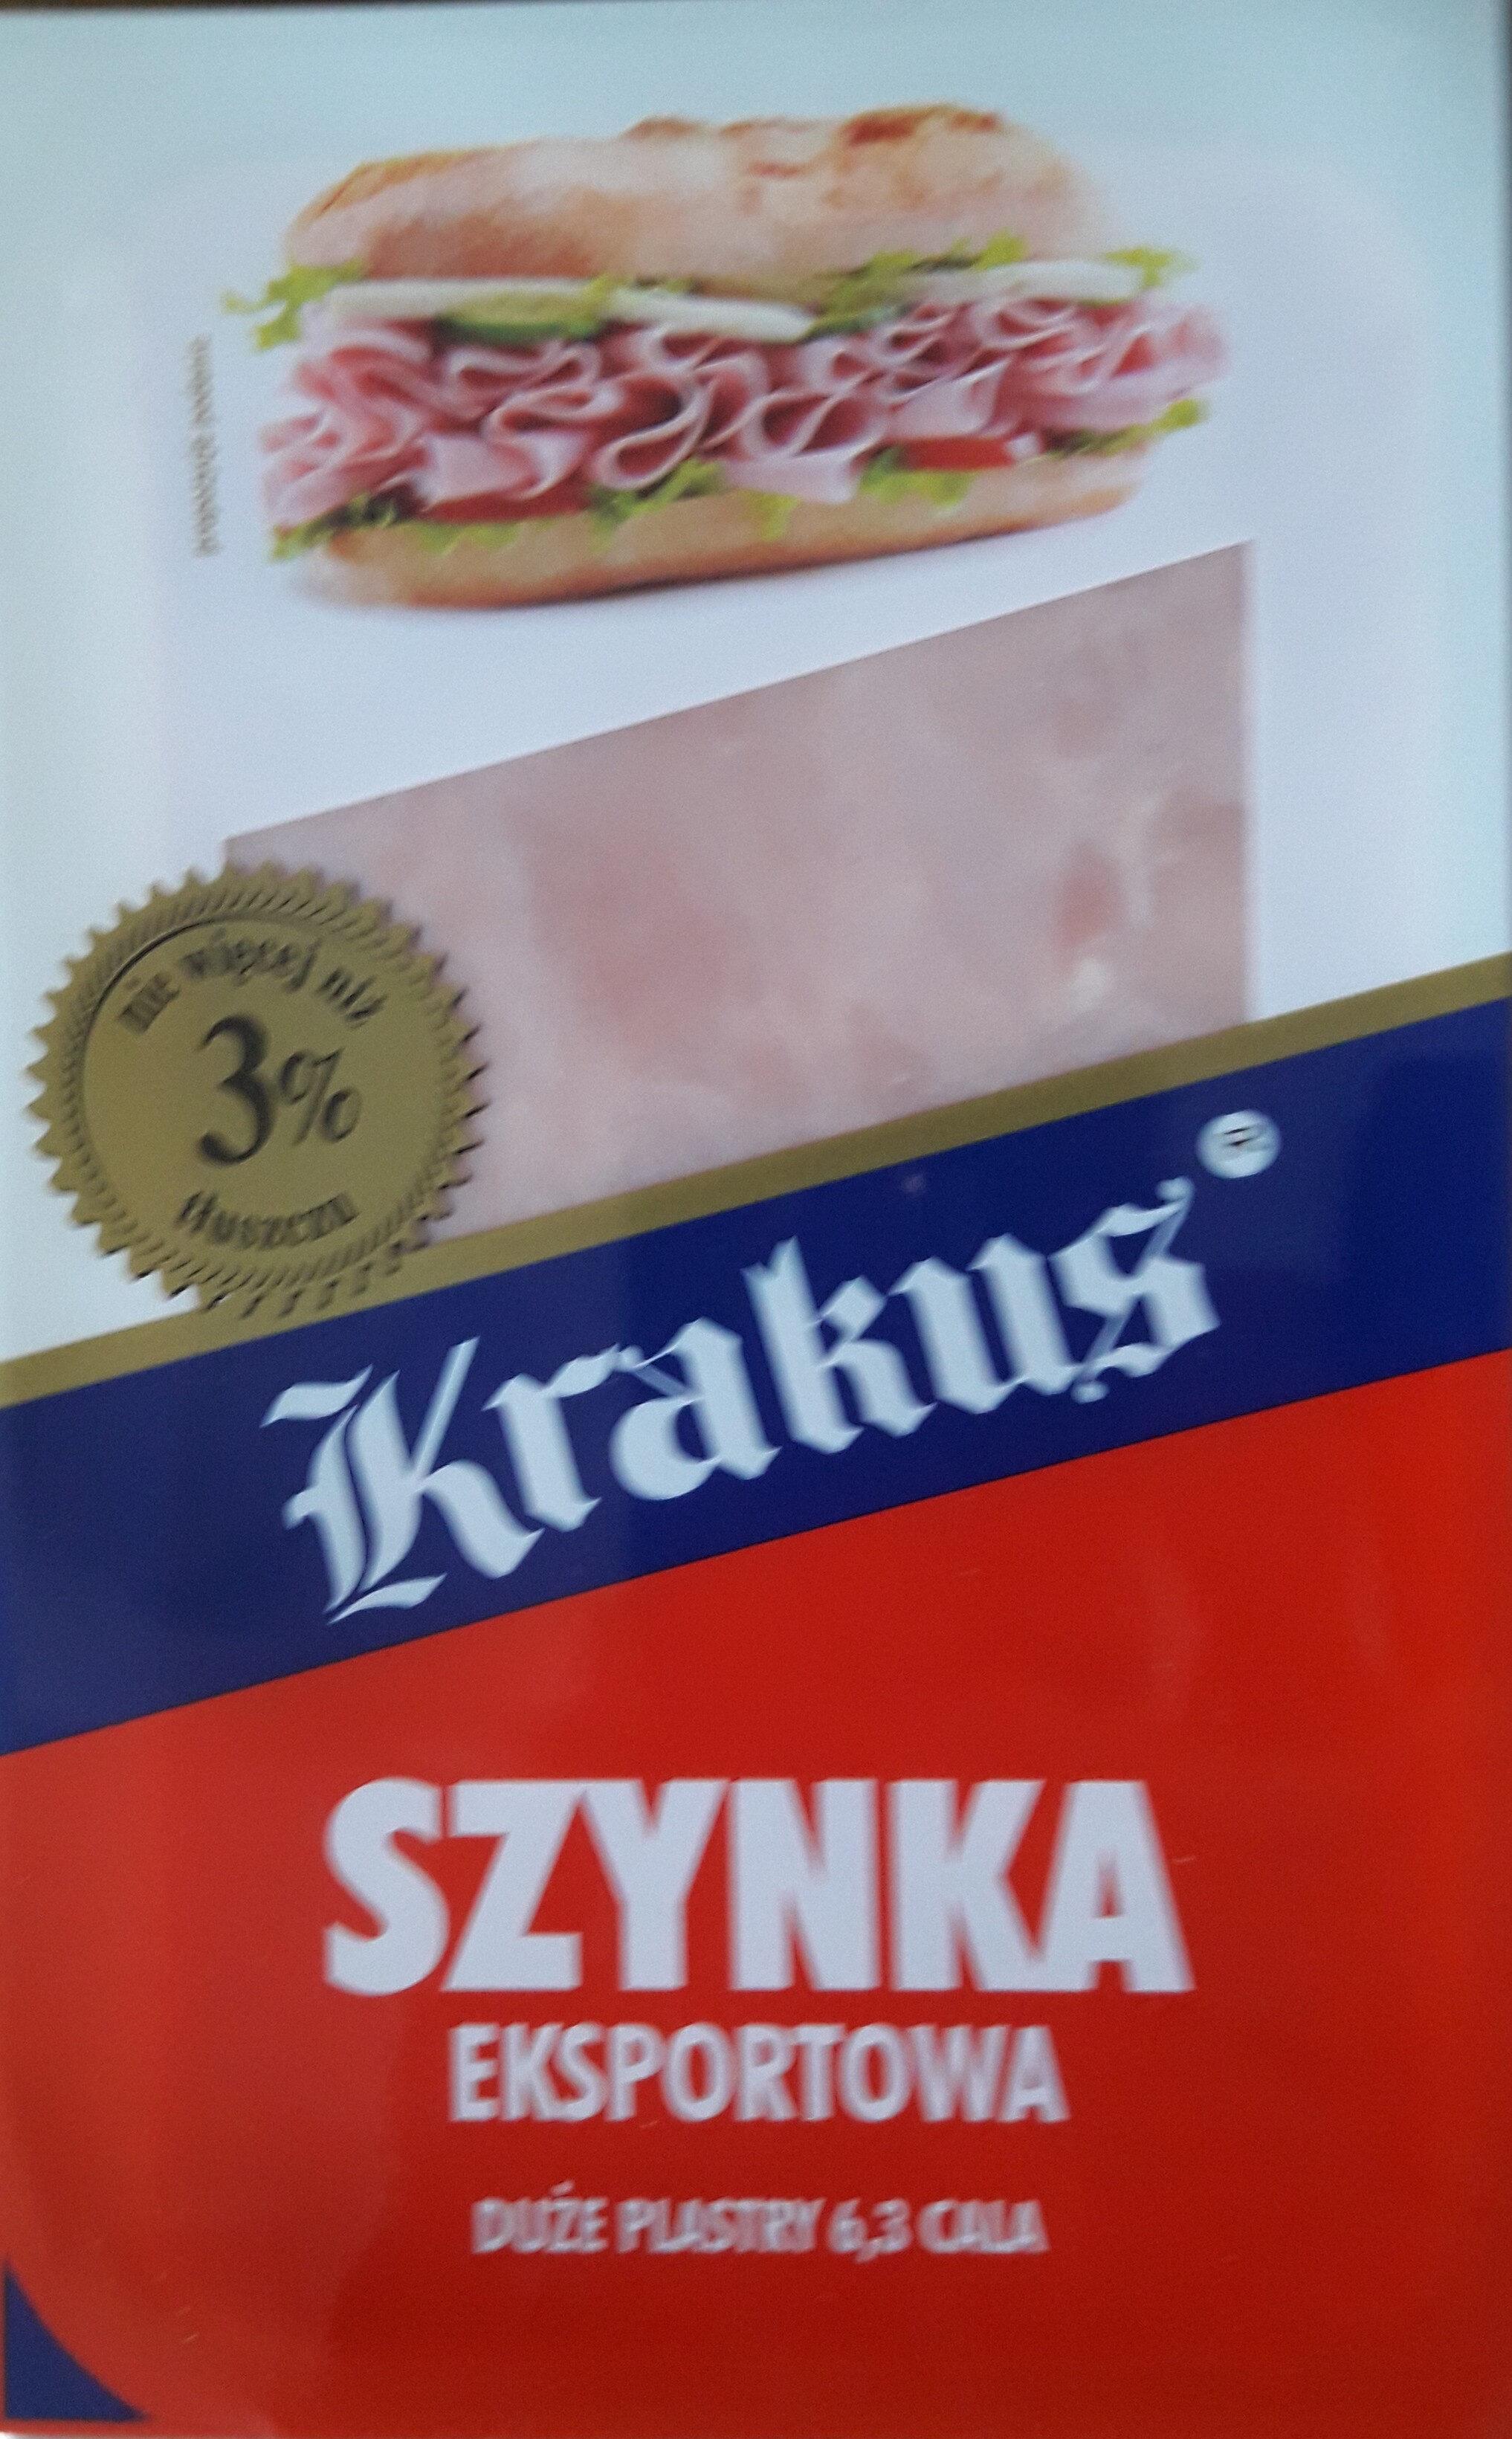 Szynka eksportowa - Produit - pl